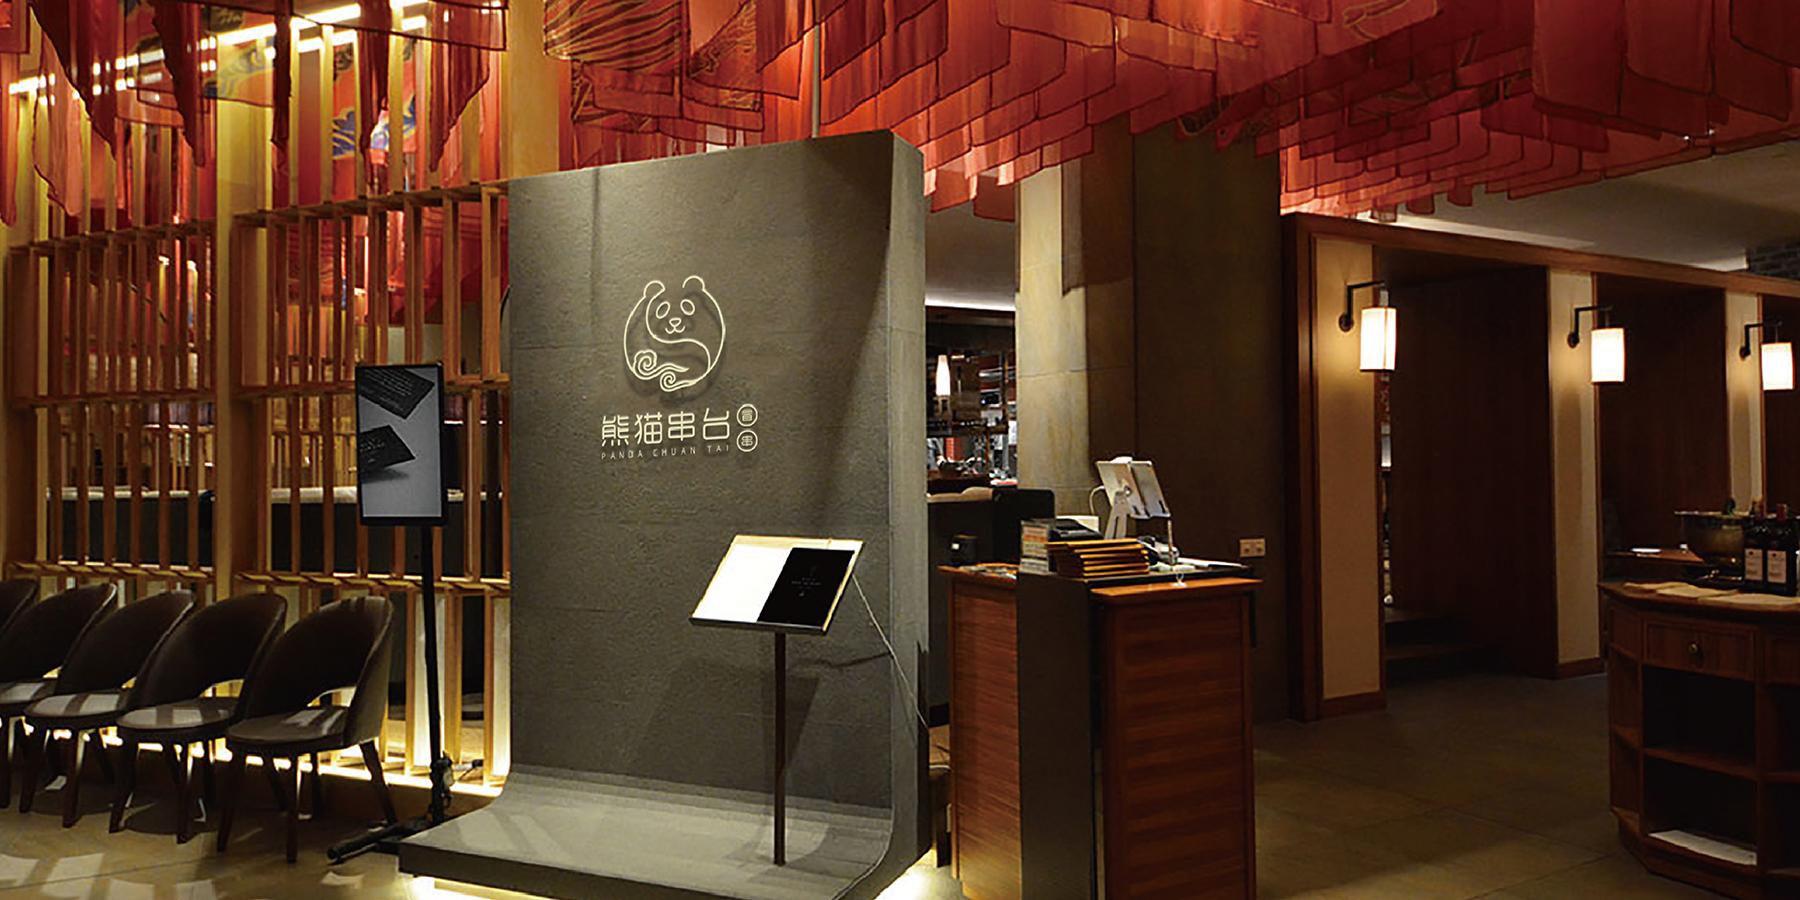 熊猫串台-logo设计-VI设计-与山品牌设计